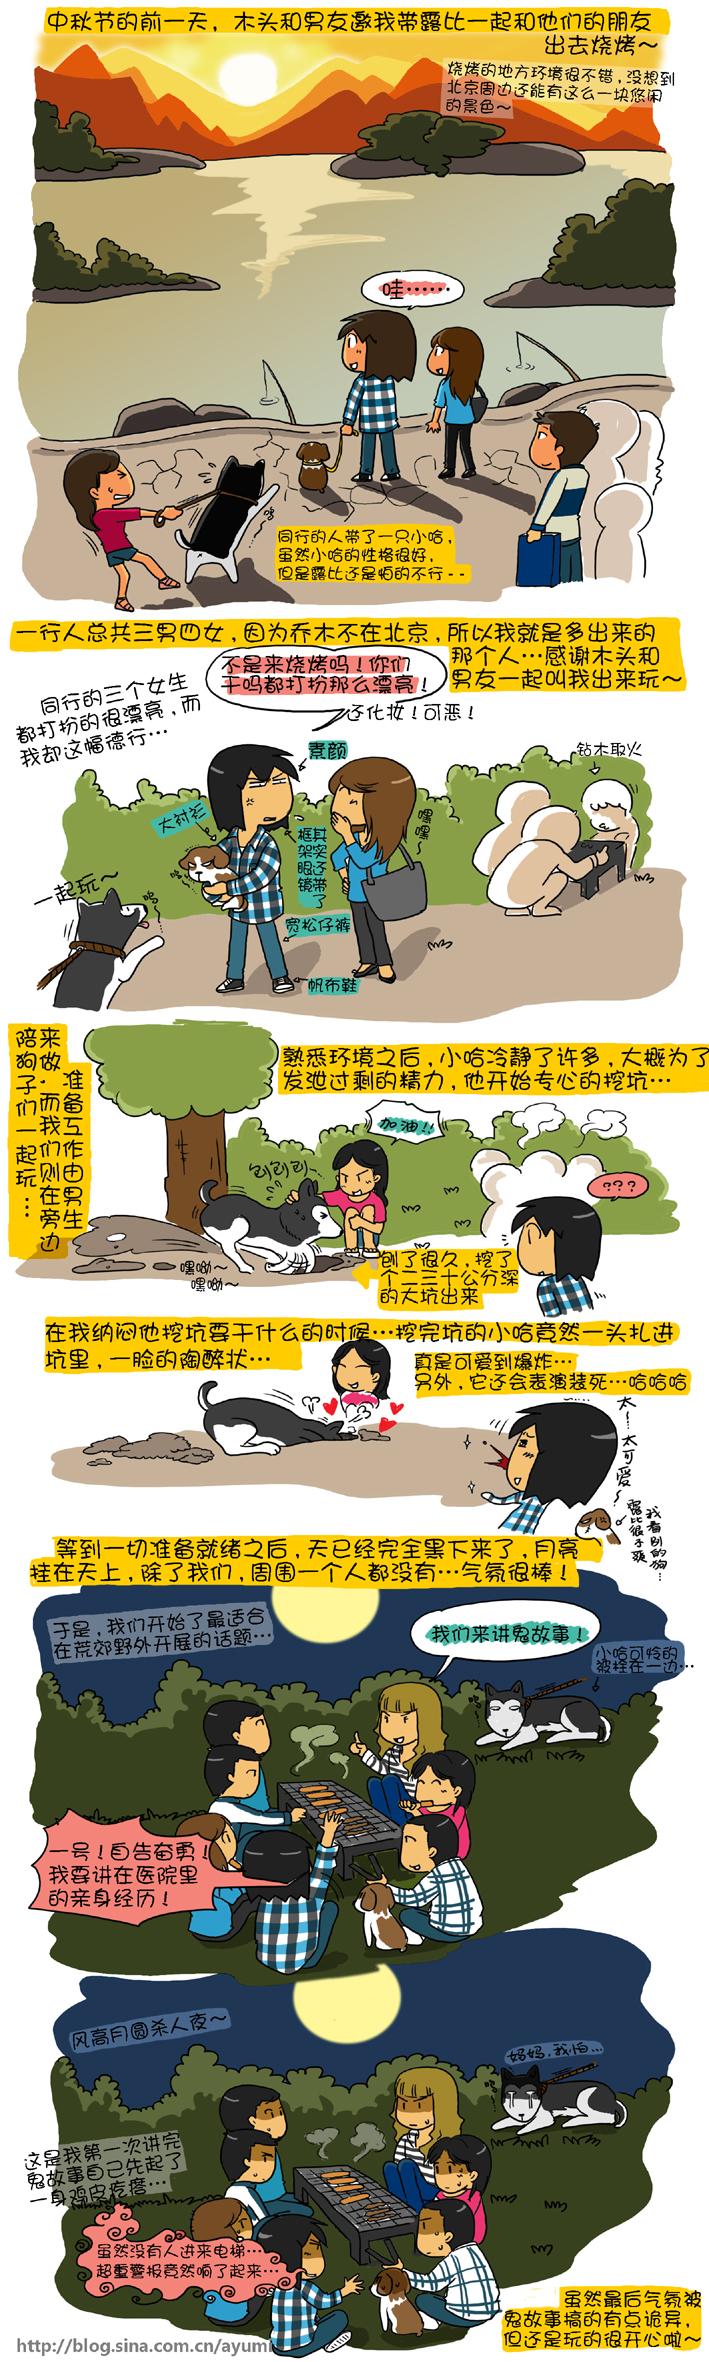 中秋节前野外的烧烤 - 小步 - 小步漫画日记